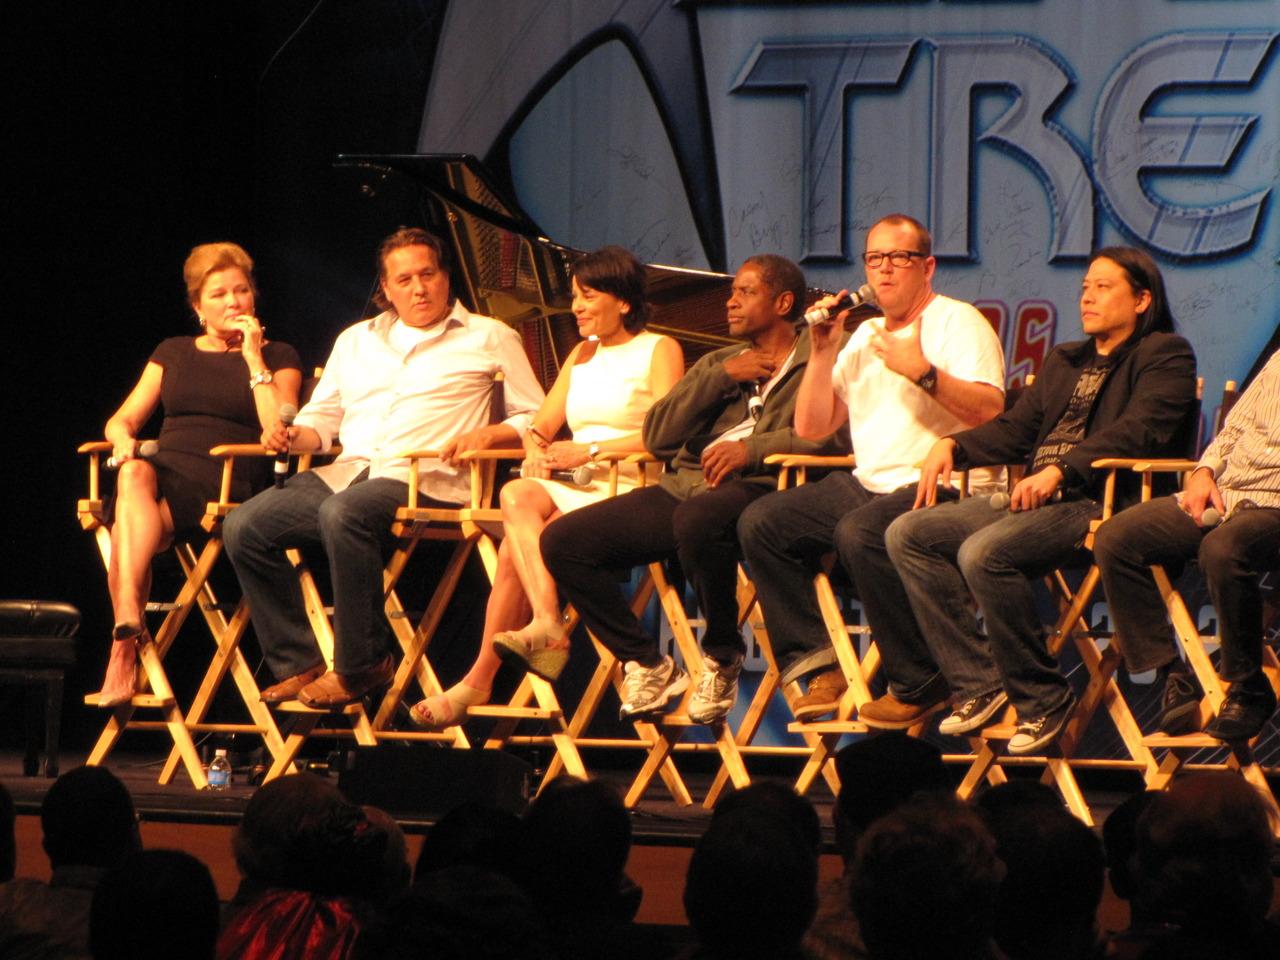 Vegas 2012 Cast Cast st Las Vegas 2012